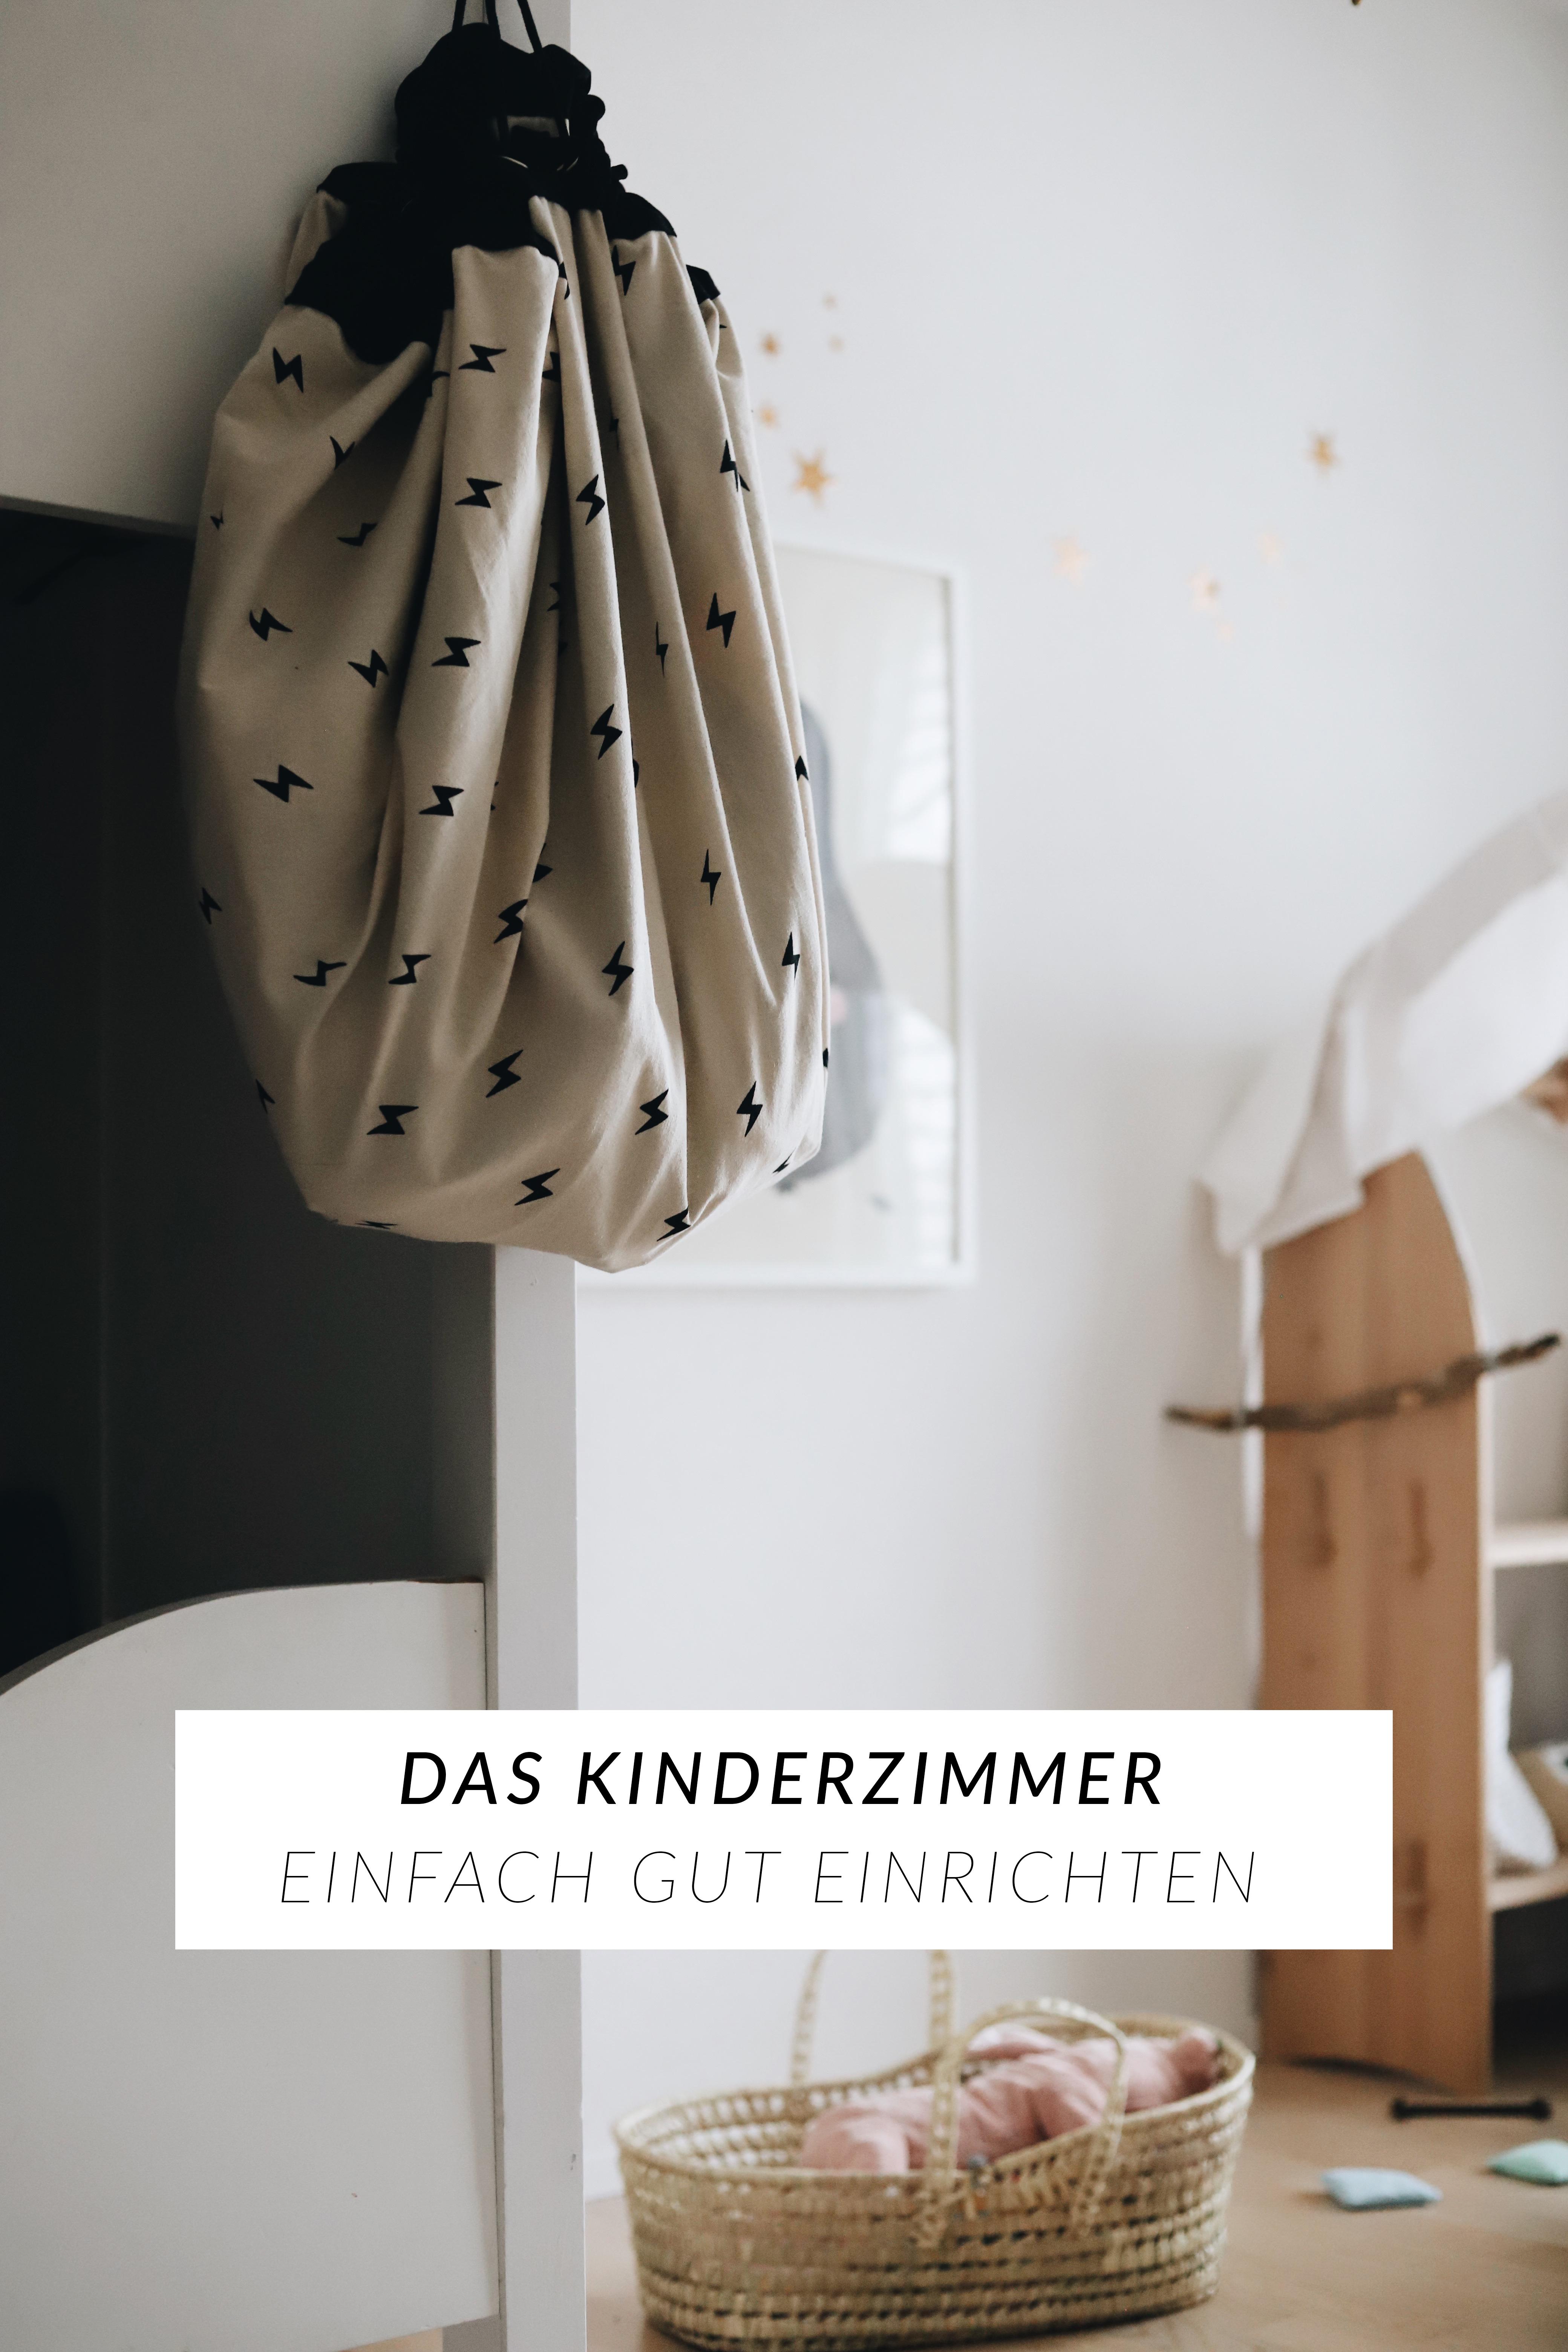 Simplicity: Das Kinderzimmer einrichten - mit 15 einfach guten Ideen